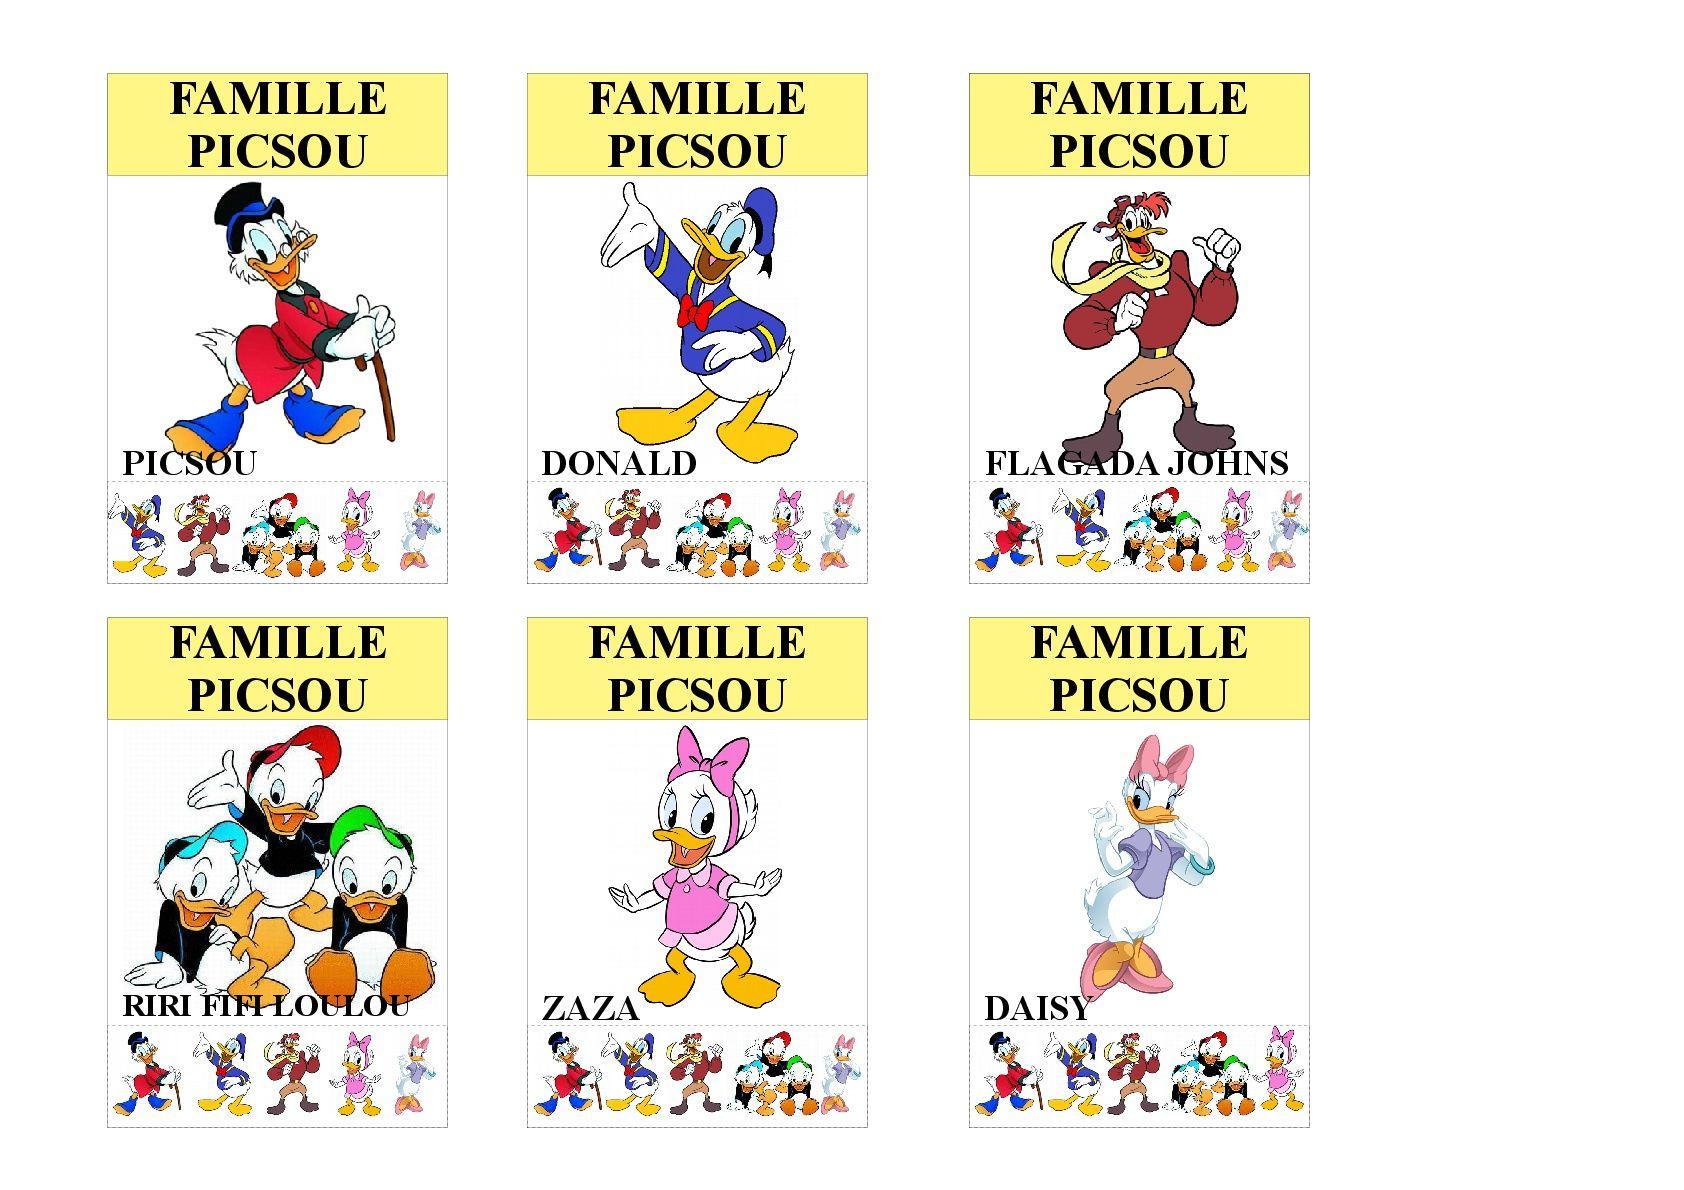 Famille Picsou Jeu Des 7 Familles Utilisable Pour Les Plus Jeunes Vu Que Tous Les Membres Des Familles Sont Indiques S Jeux Des 7 Familles Jeux En Famille Jeux